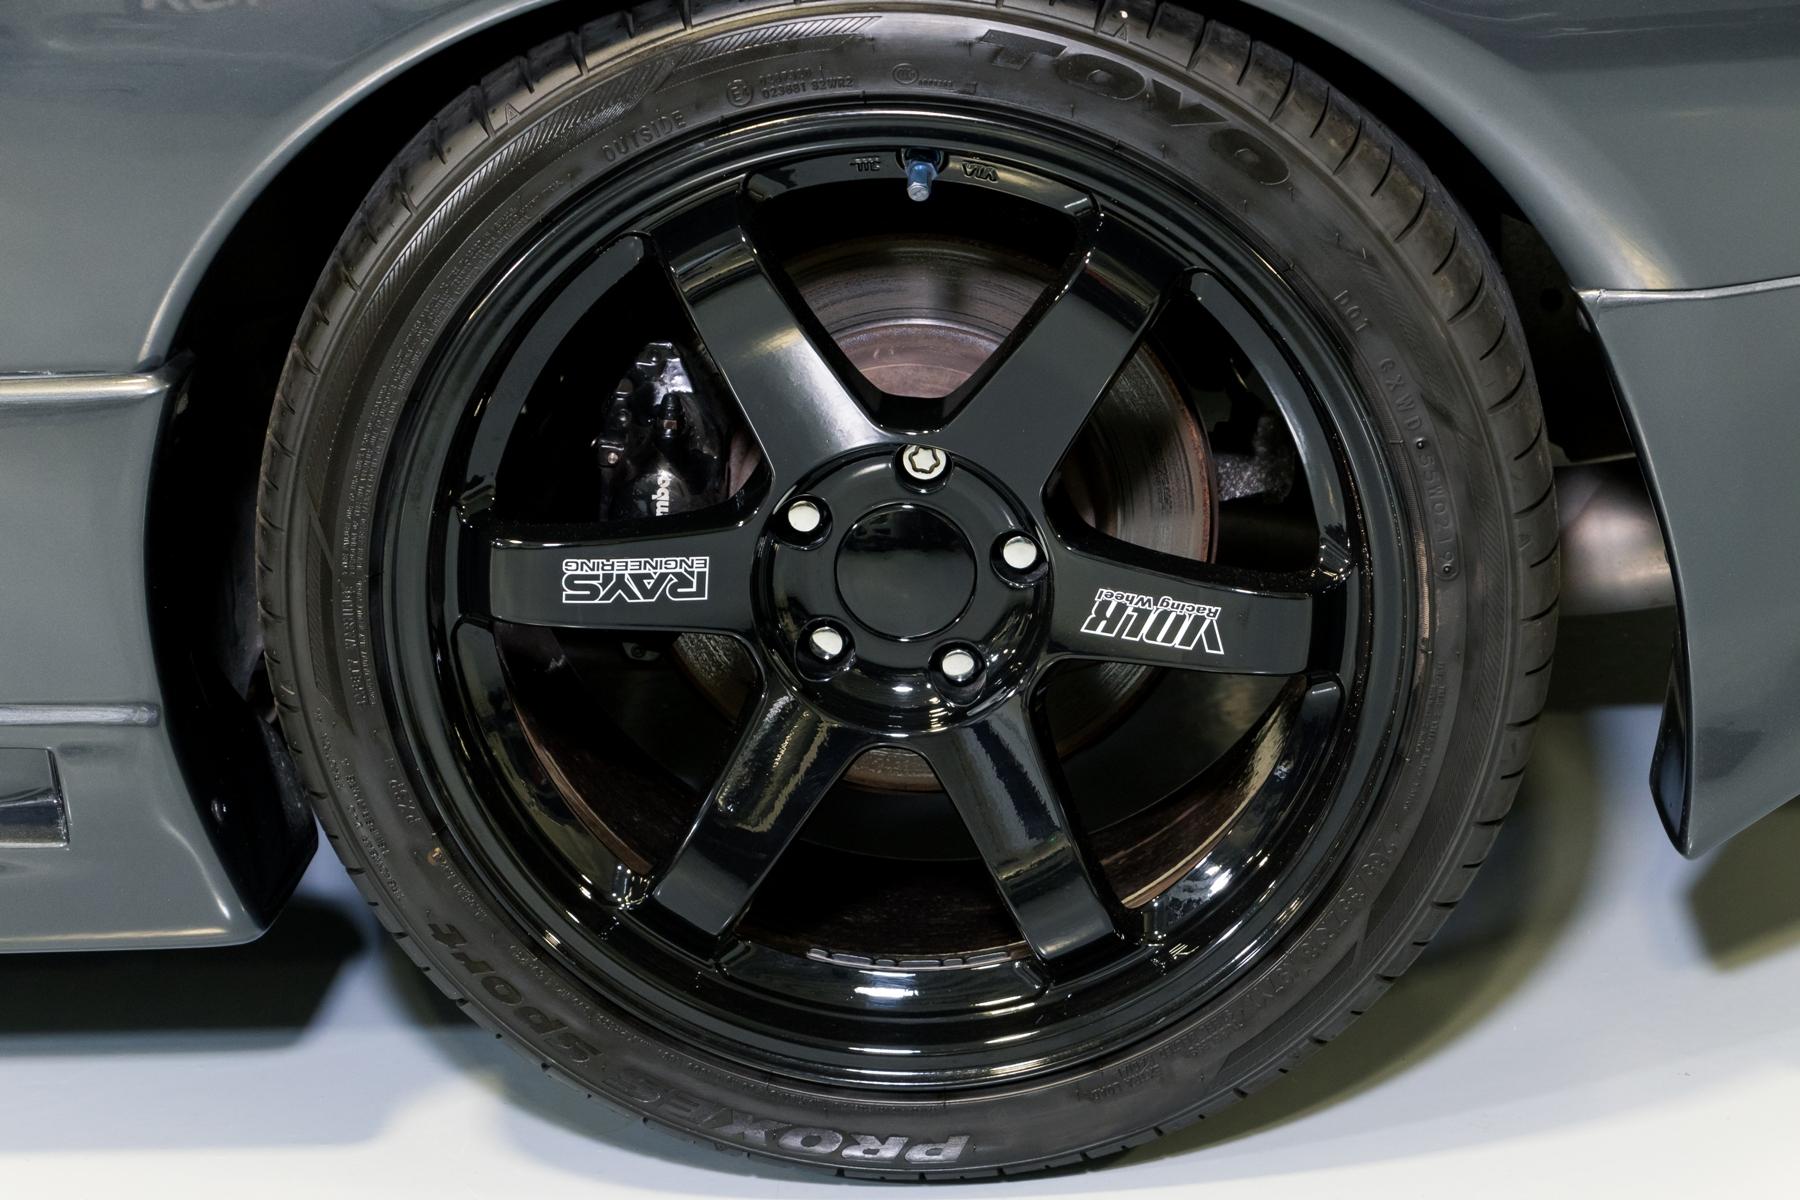 HJA417.022